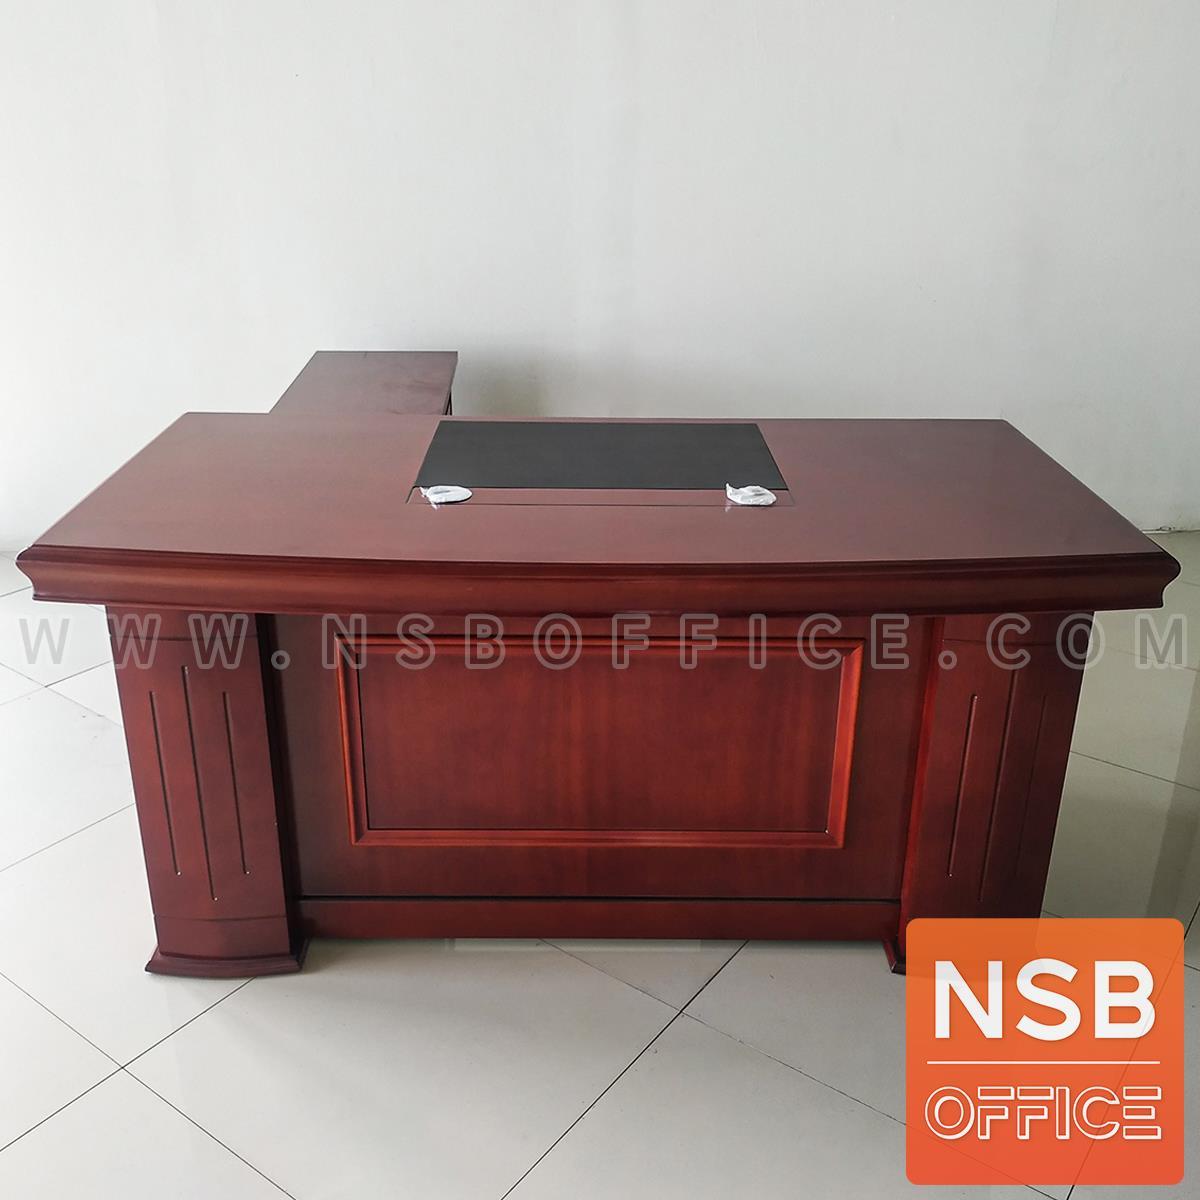 A06A152:โต๊ะทำงานผู้บริหาร รุ่น Symphonic ขนาด 160W, 180W cm.  มีแผ่นรองเขียน